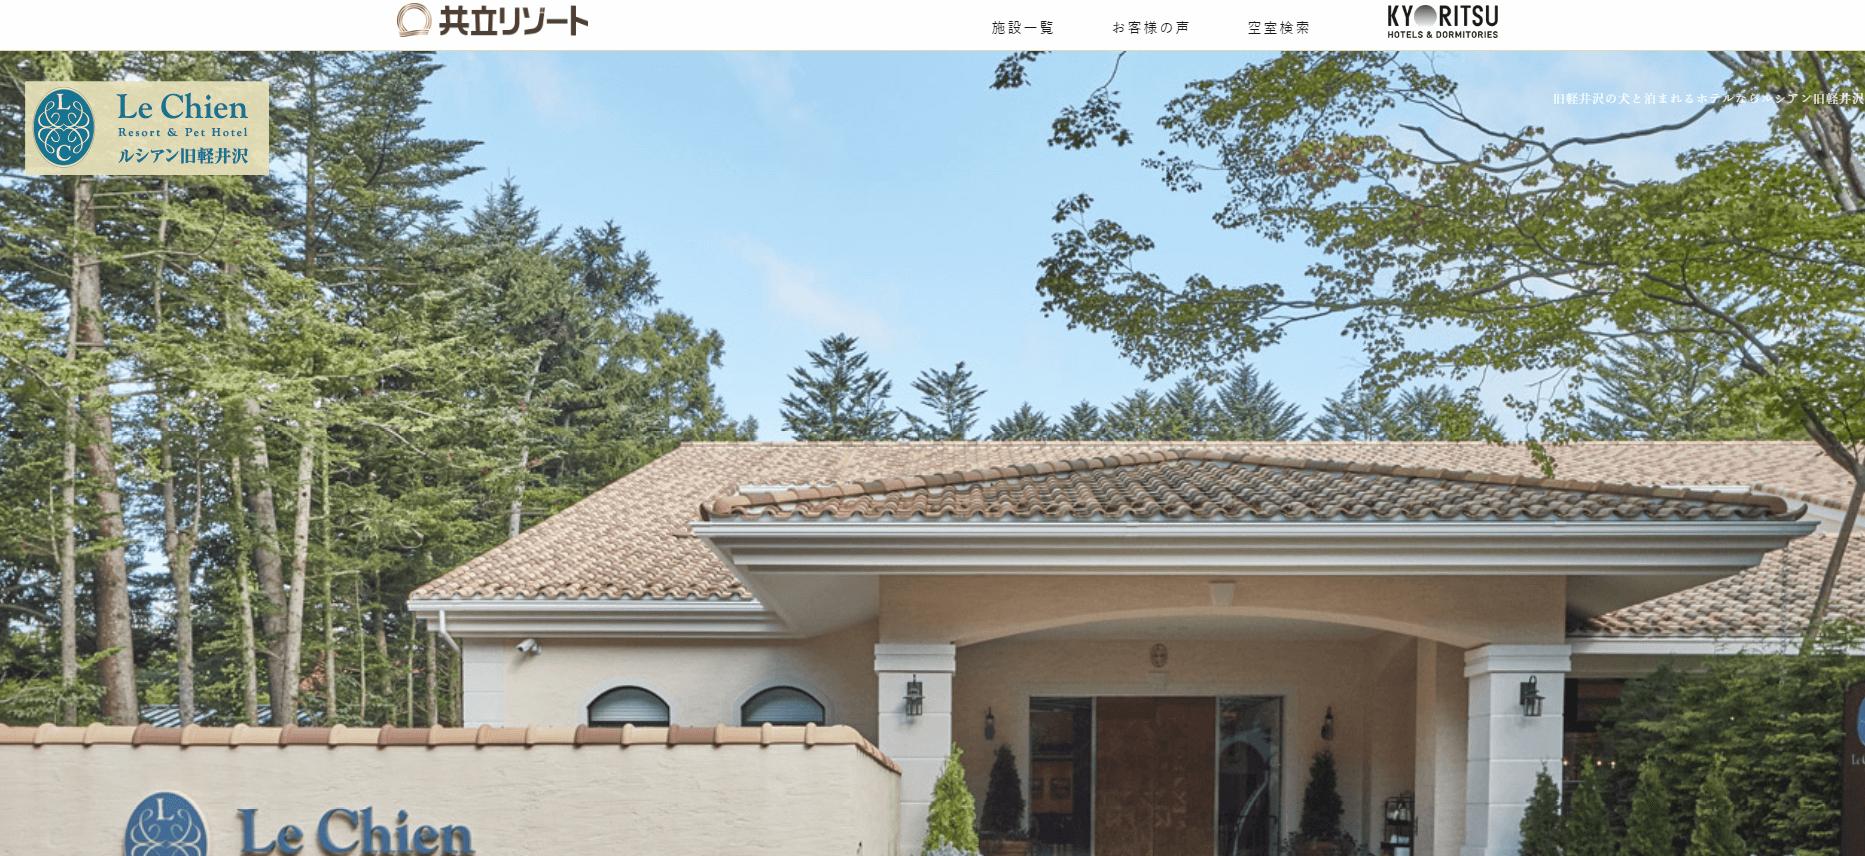 【公式】ルシアン旧軽井沢|軽井沢ペットホテル 共立リゾート